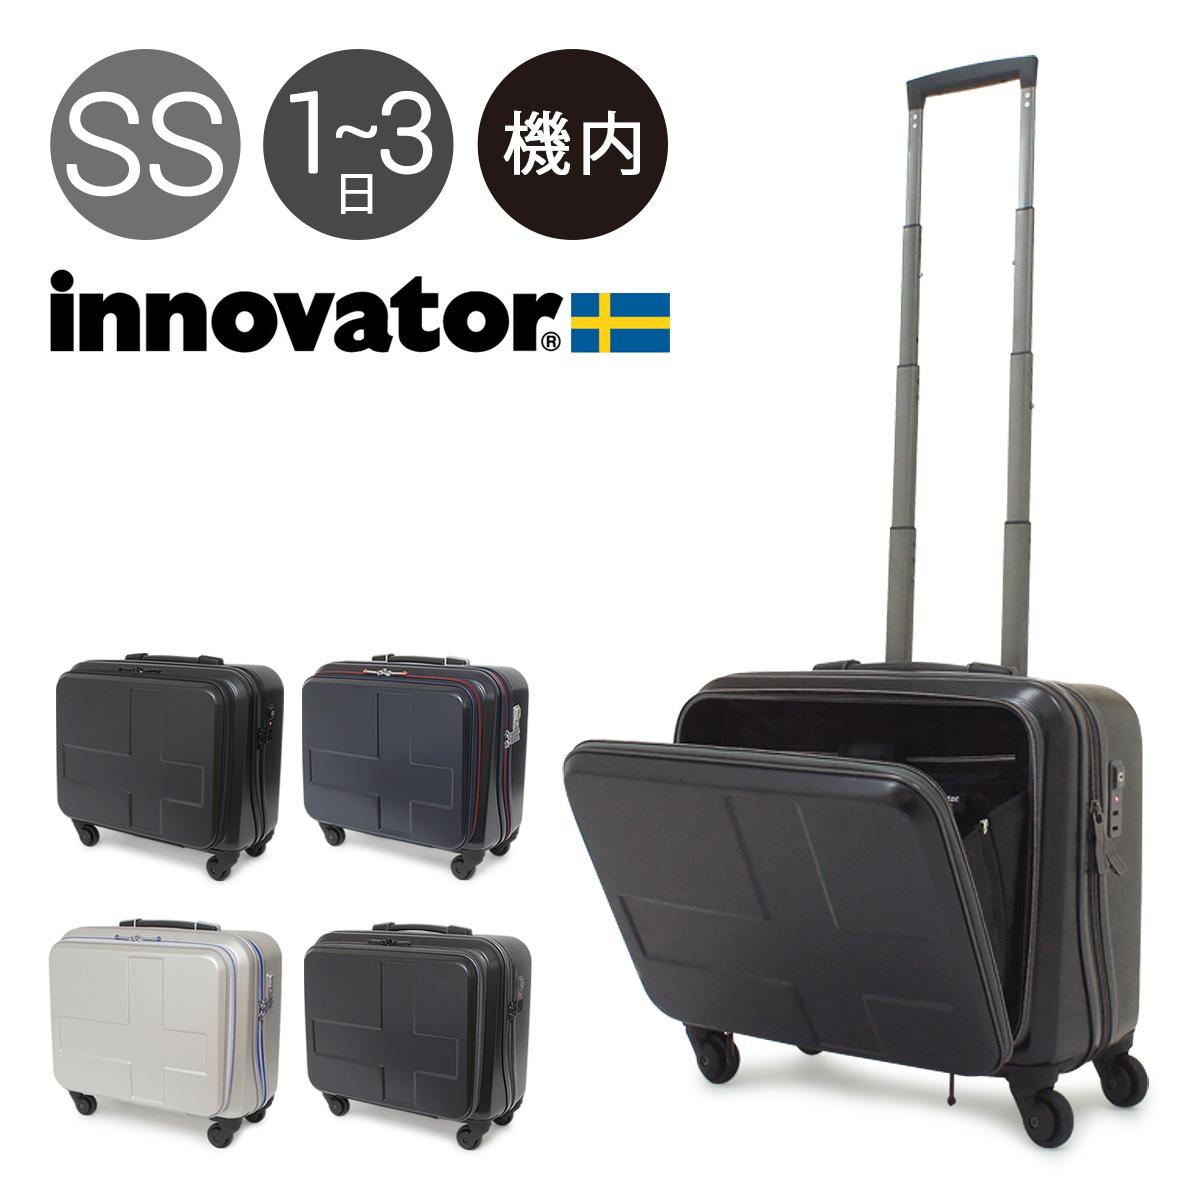 イノベーター スーツケース 32L 34cm 3.0kg ハード ジッパー 機内持ち込み IND550 キャリーケース 横型 TSAロック搭載 フロントオープン innovator 当社限定 別注モデル【 2年保証 】[PO10][bef][即日発送]